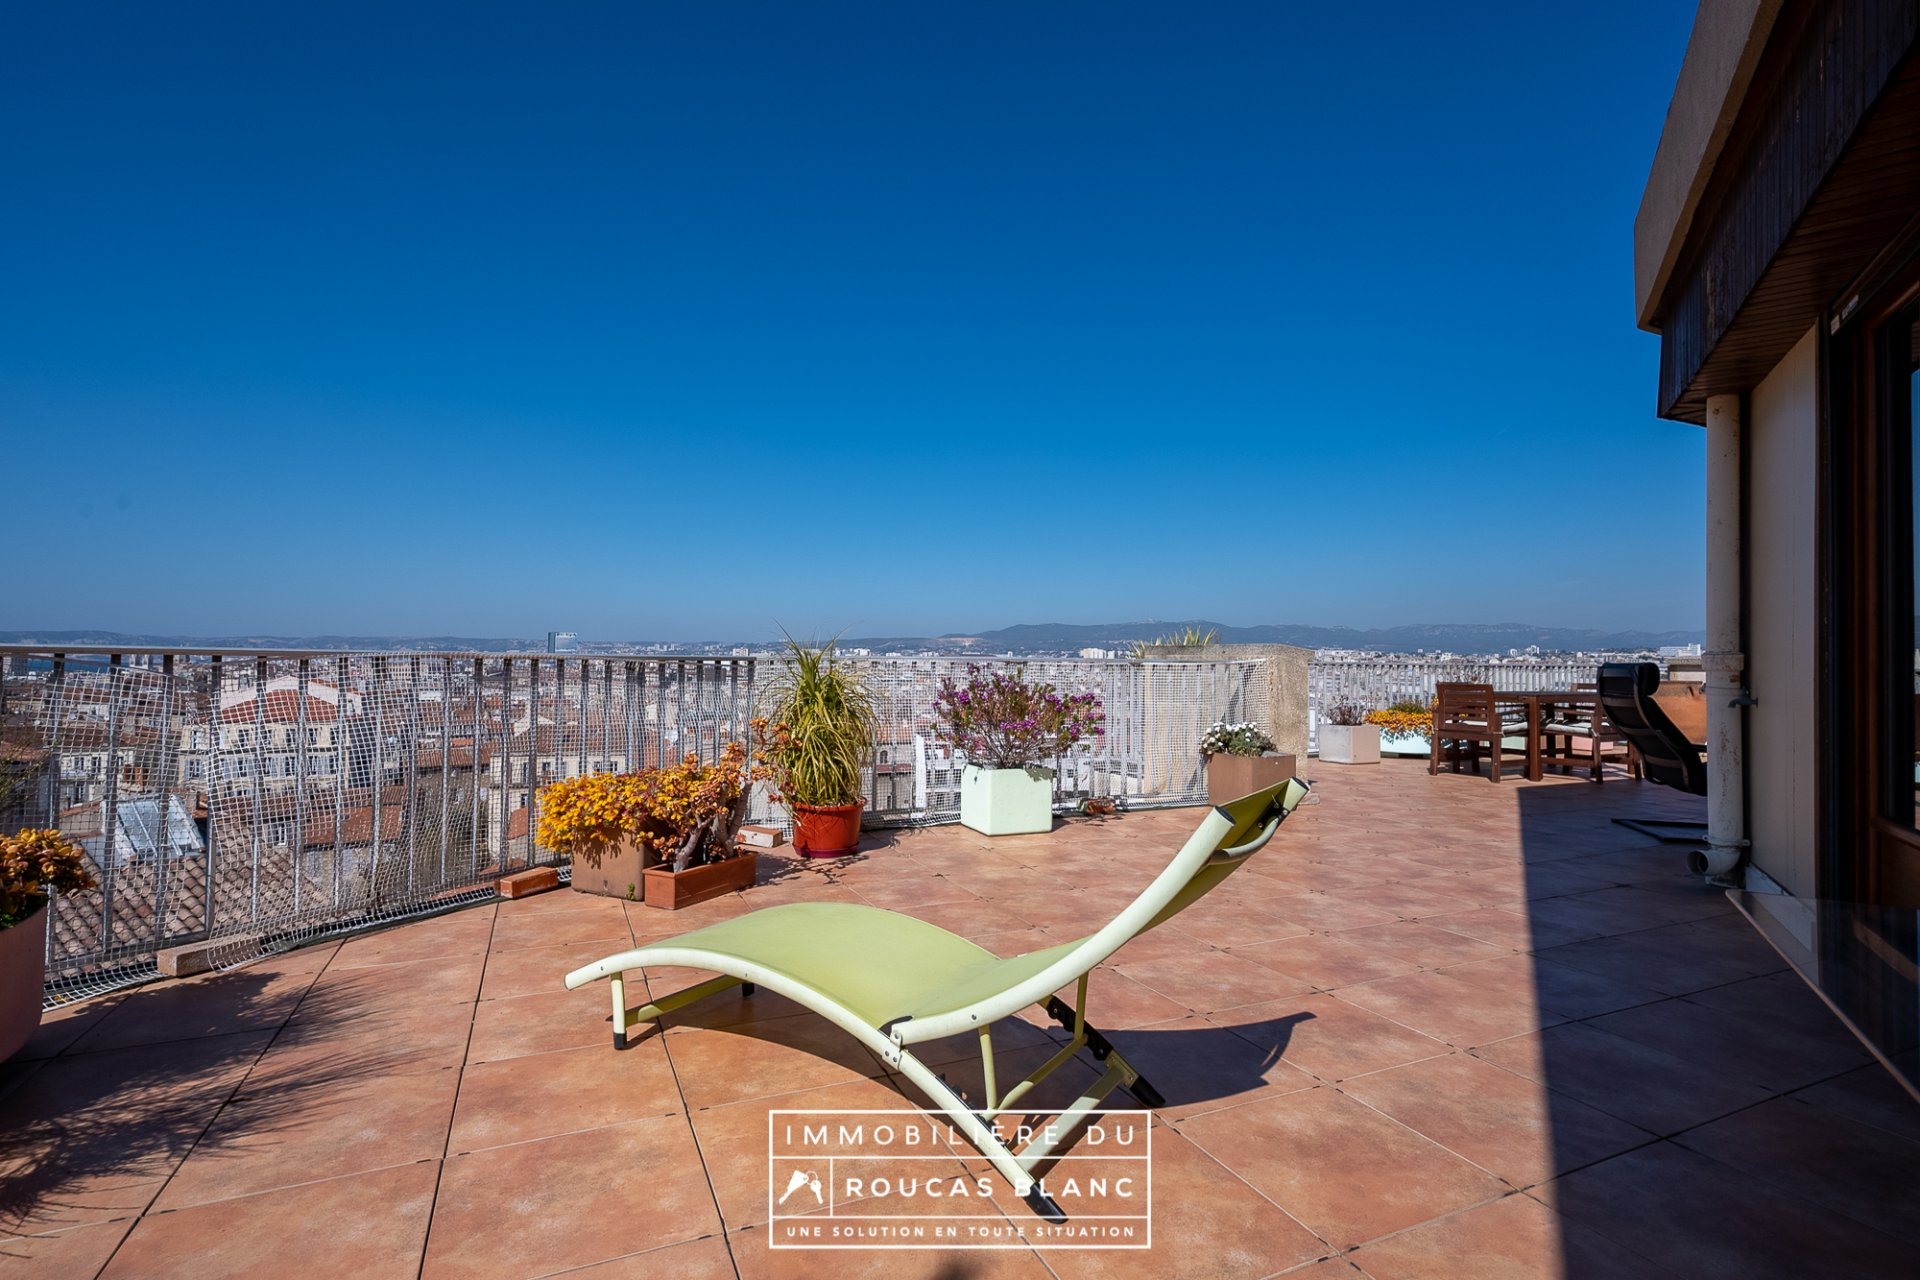 Vauban - Toit Terrasse 180 m2 - Dernier étage - Vue à couper le souffle